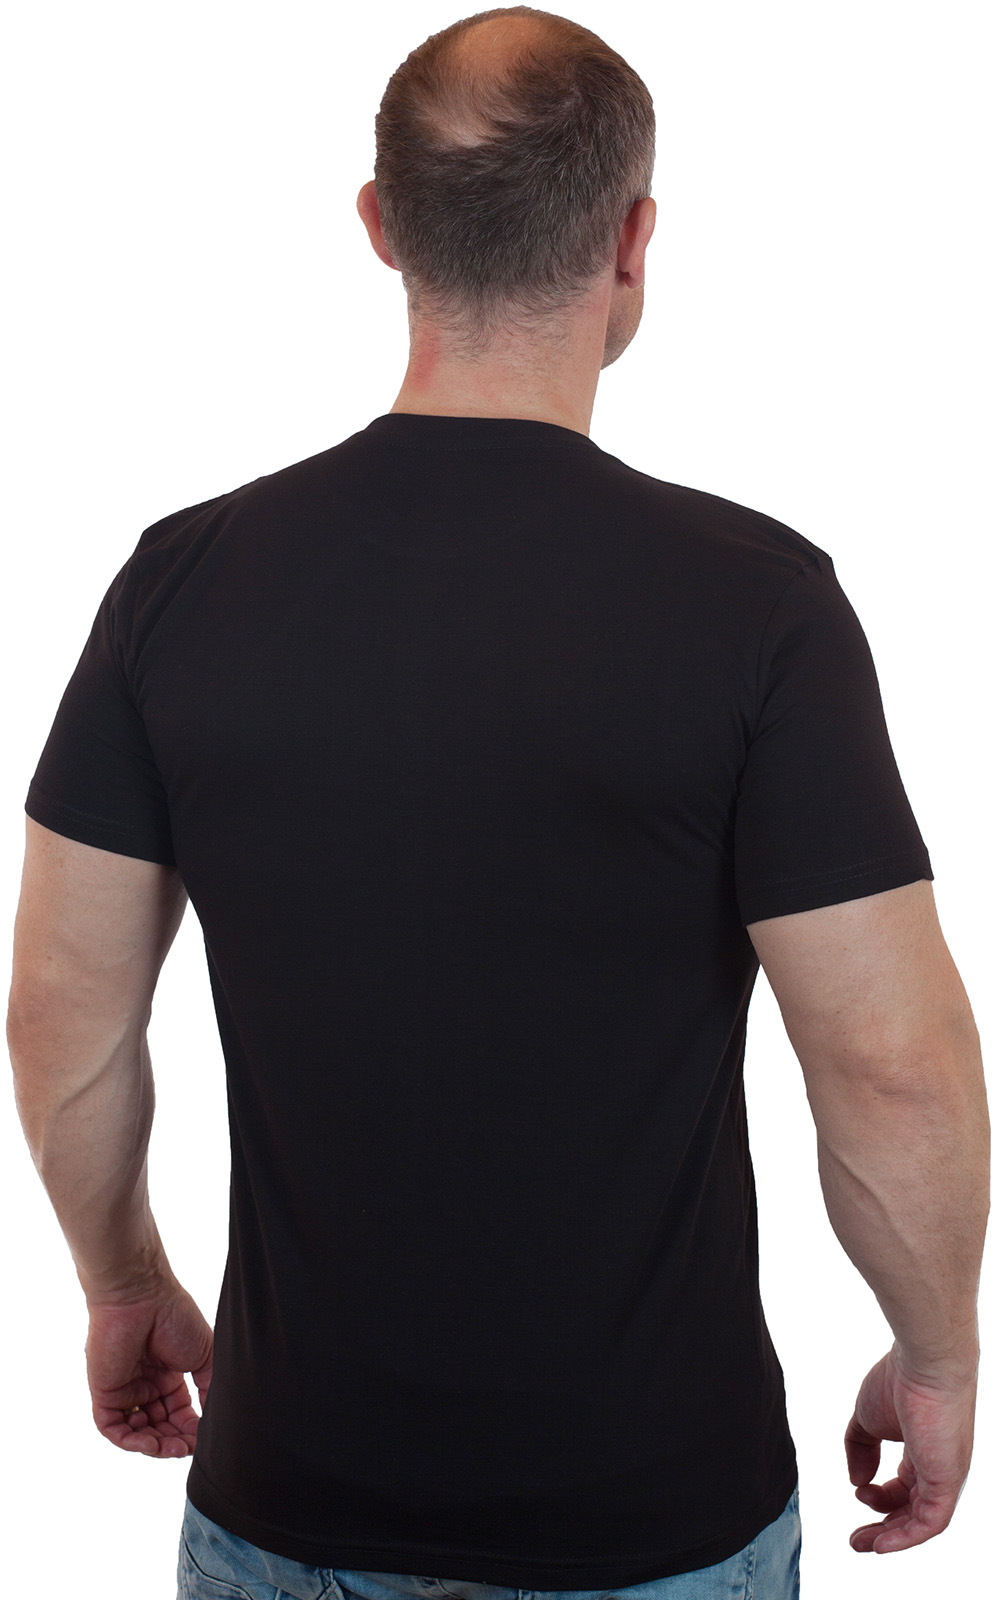 Мужская черная футболка с вышитым шевроном Танковые Войска - купить онлайн